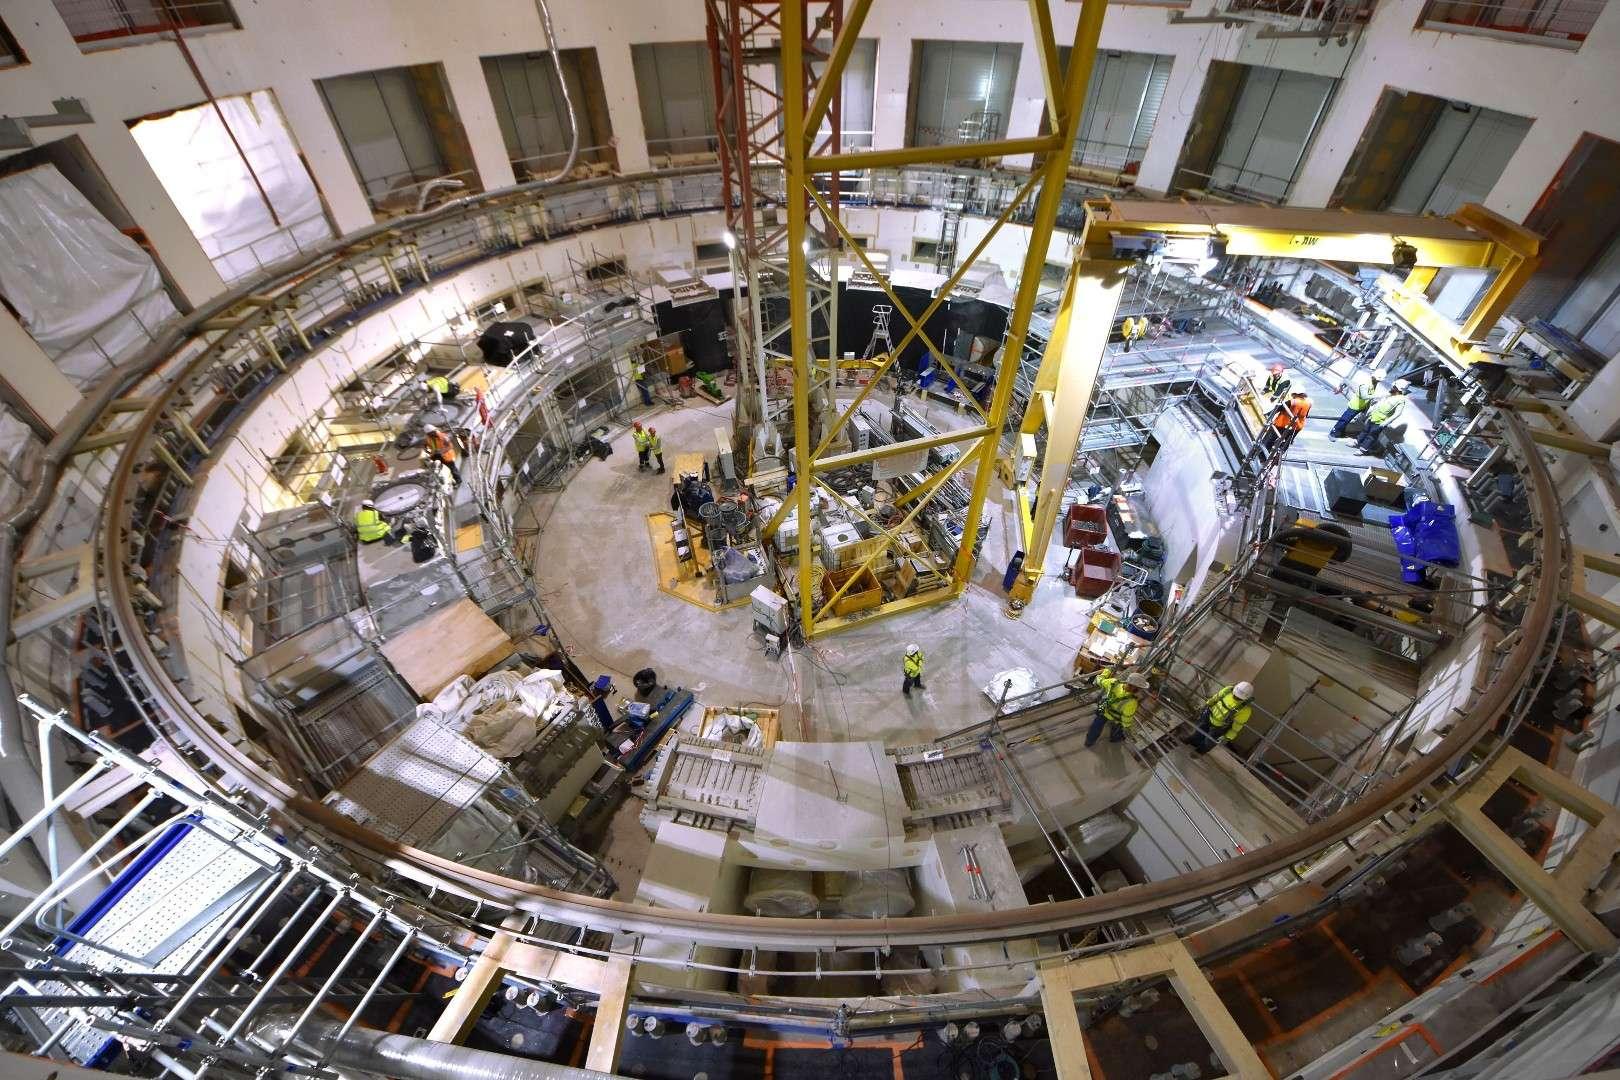 La maîtrise de la fusion contrôlée est indispensable à l'humanité pour affronter les défis de la seconde moitié du XXIe siècle. Dans la fosse d'assemblage d'Iter, les ancrages de la machine et du « thermos » géant qui l'enveloppe (le cryostat) sont en cours d'installation. © 2019, Iter Organization